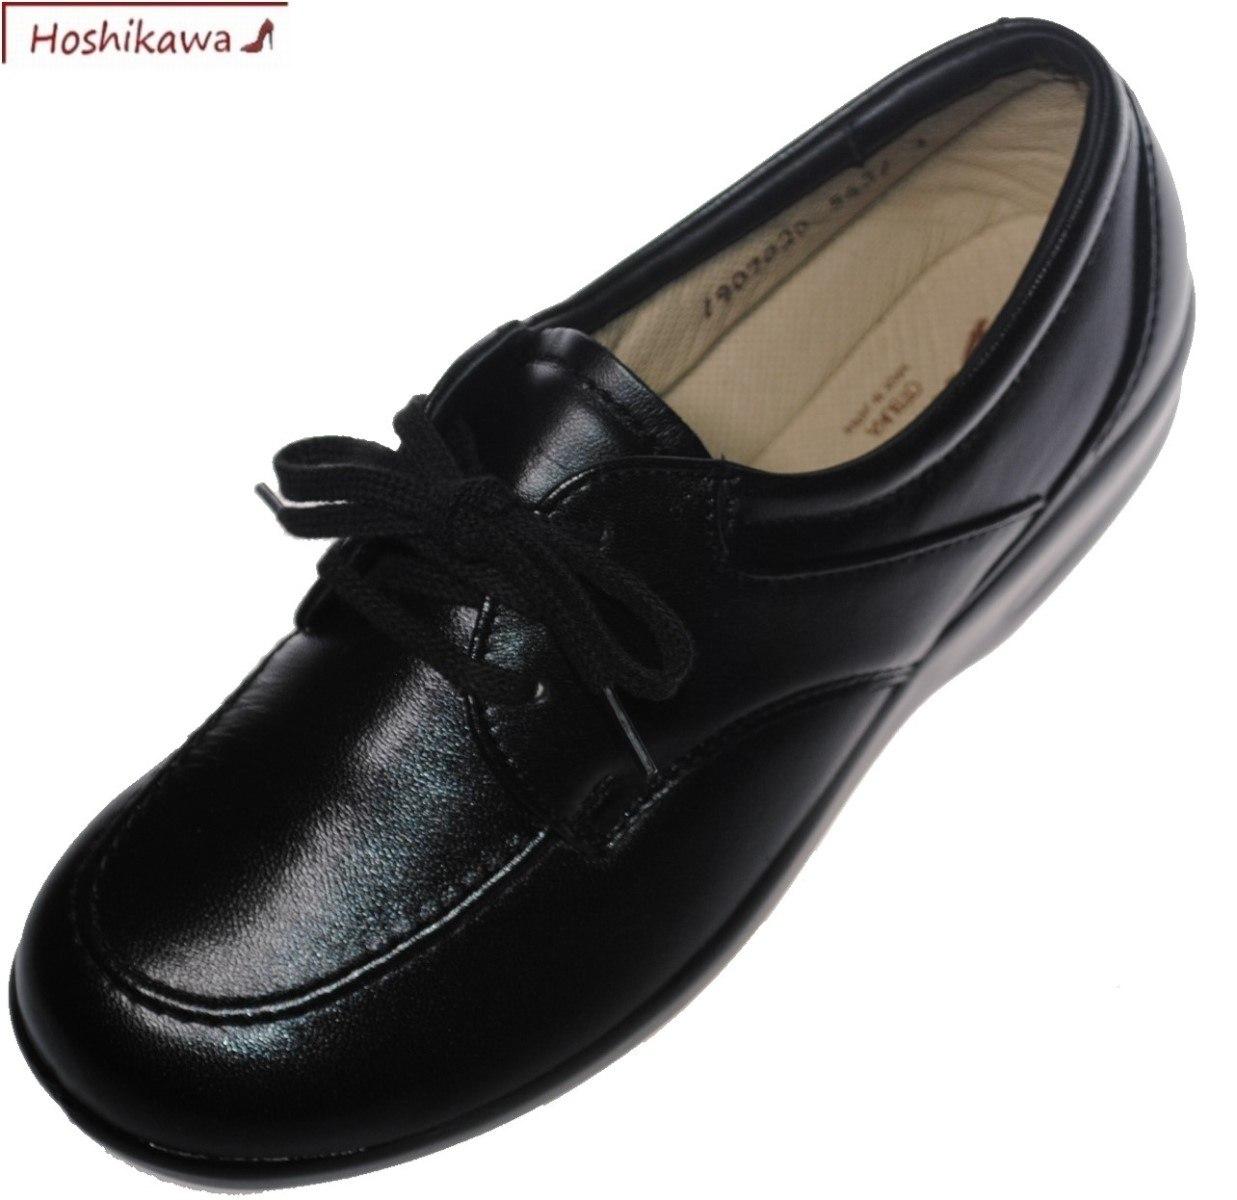 【靴のHOSHIKAWA】 『BON STEP 5631』22cm~25cm コンフォートシューズ